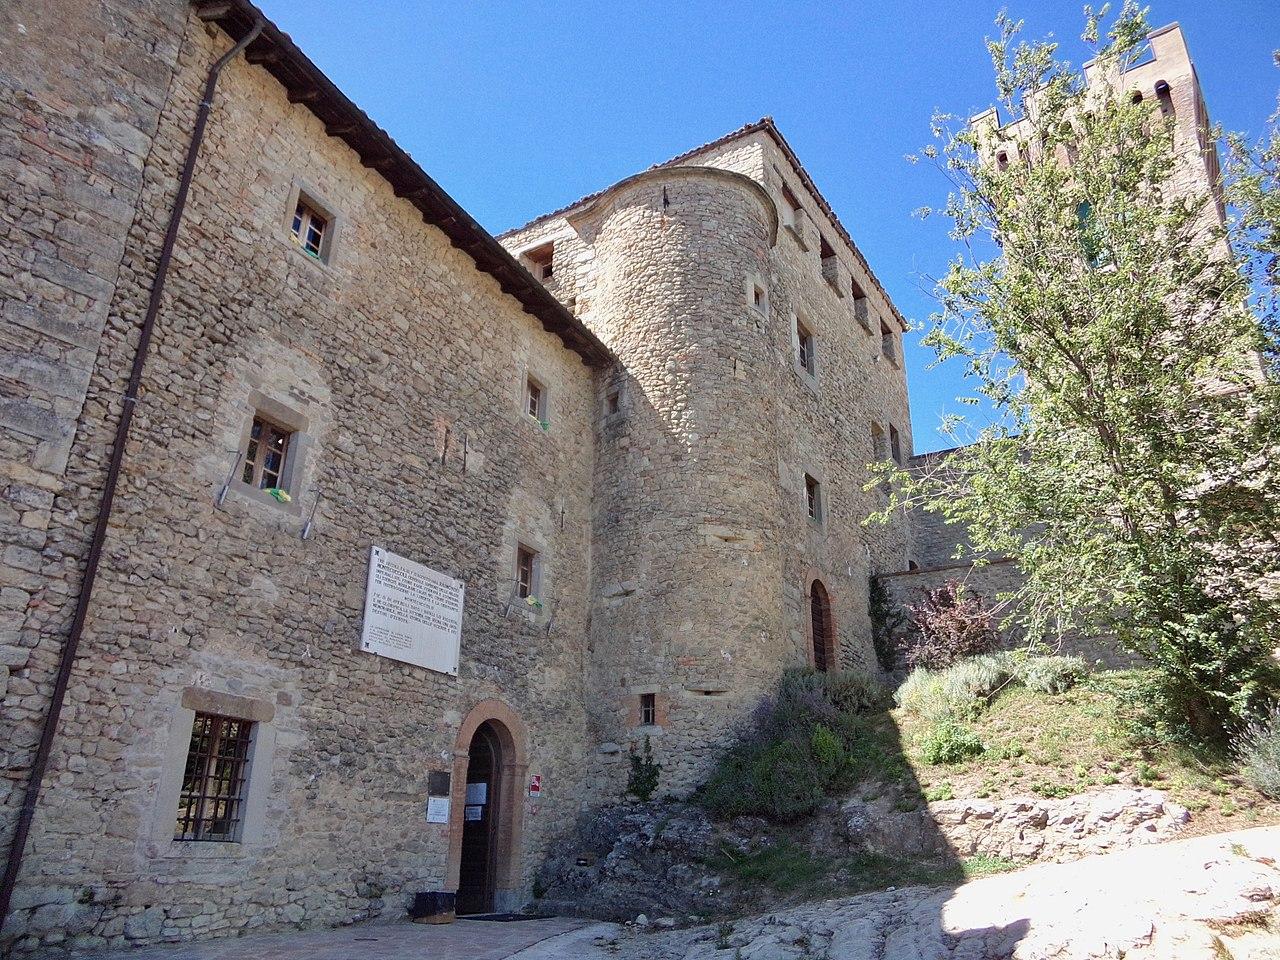 Resistenza nel Frignano: Un dettaglio del castello di Montecuccolo. Foto di Mgmar79 via Wikimedia commons